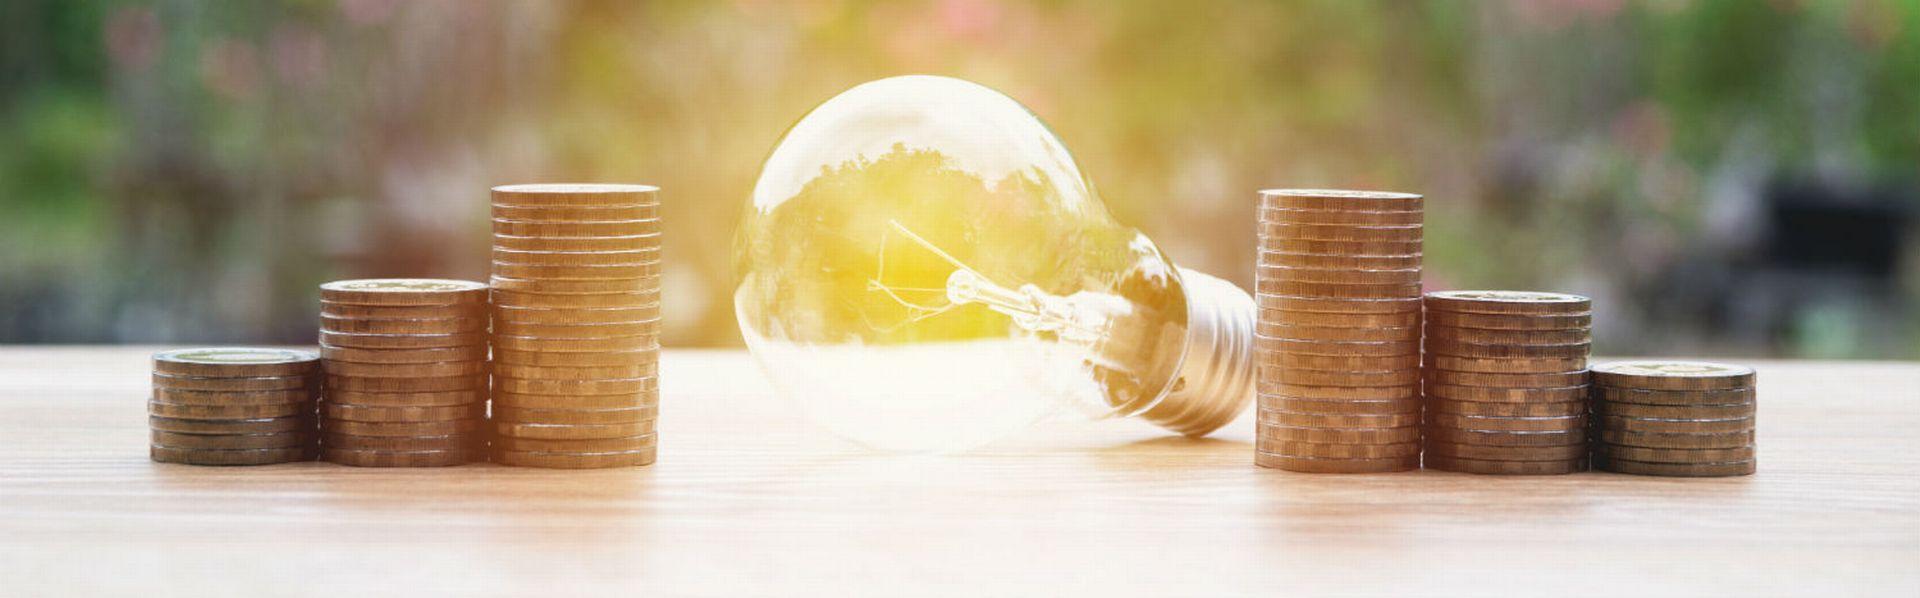 Le dossier sur les économies d'énergie de RTS Découverte [Fotolia]